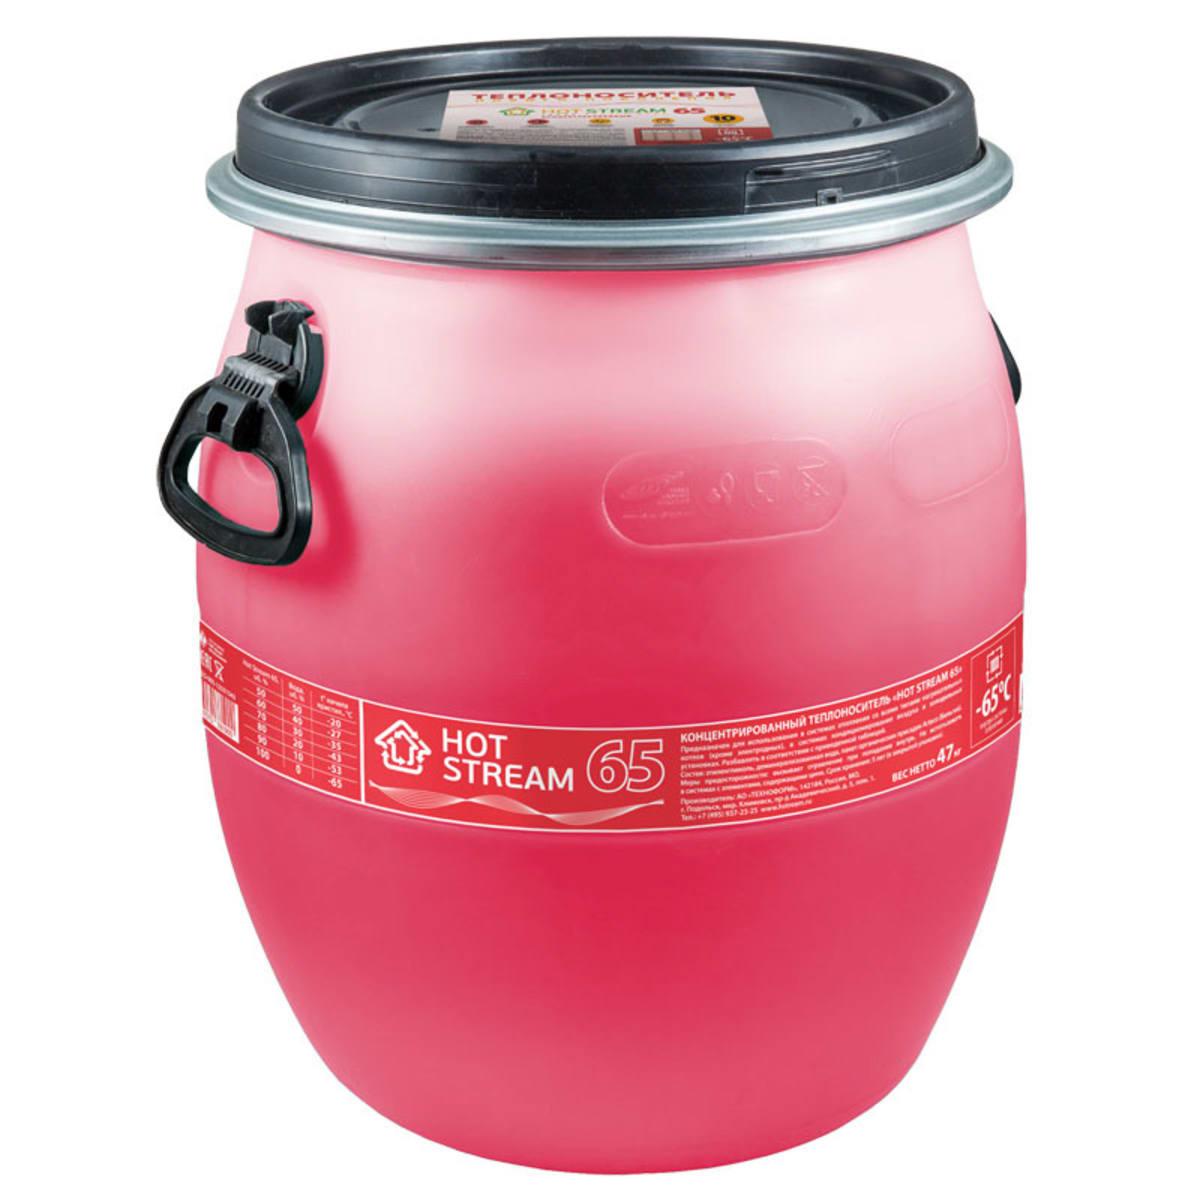 Теплоностиель Hot Stream, 47 кг